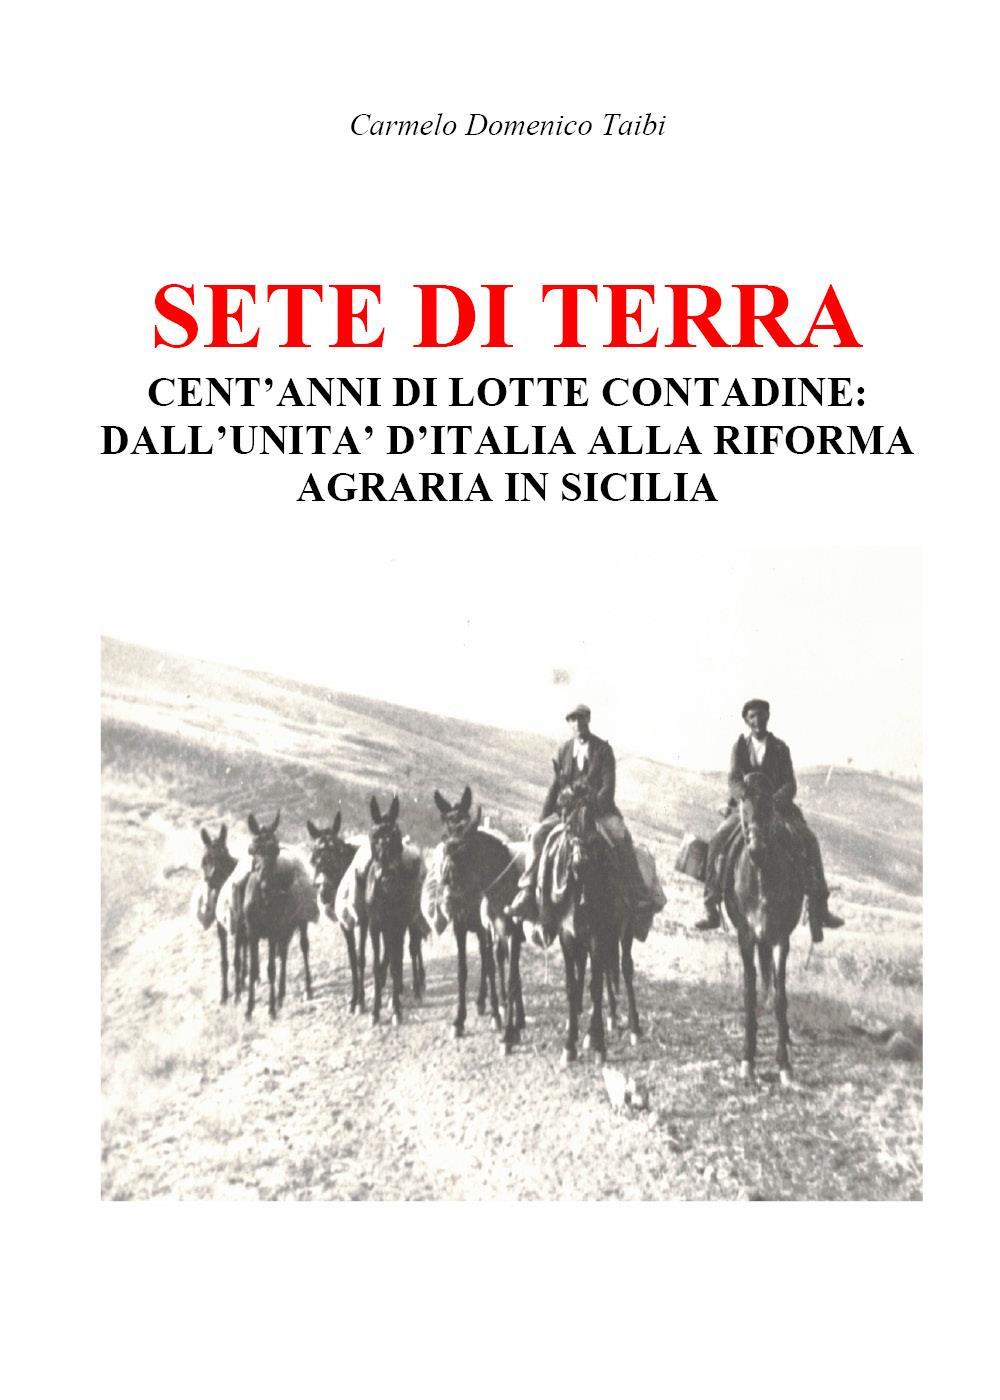 SETE DI TERRA CENT'ANNI DI LOTTE CONTADINE: DALL'UNITA' D'ITALIA ALLA RIFORMA AGRARIA IN SICILIA